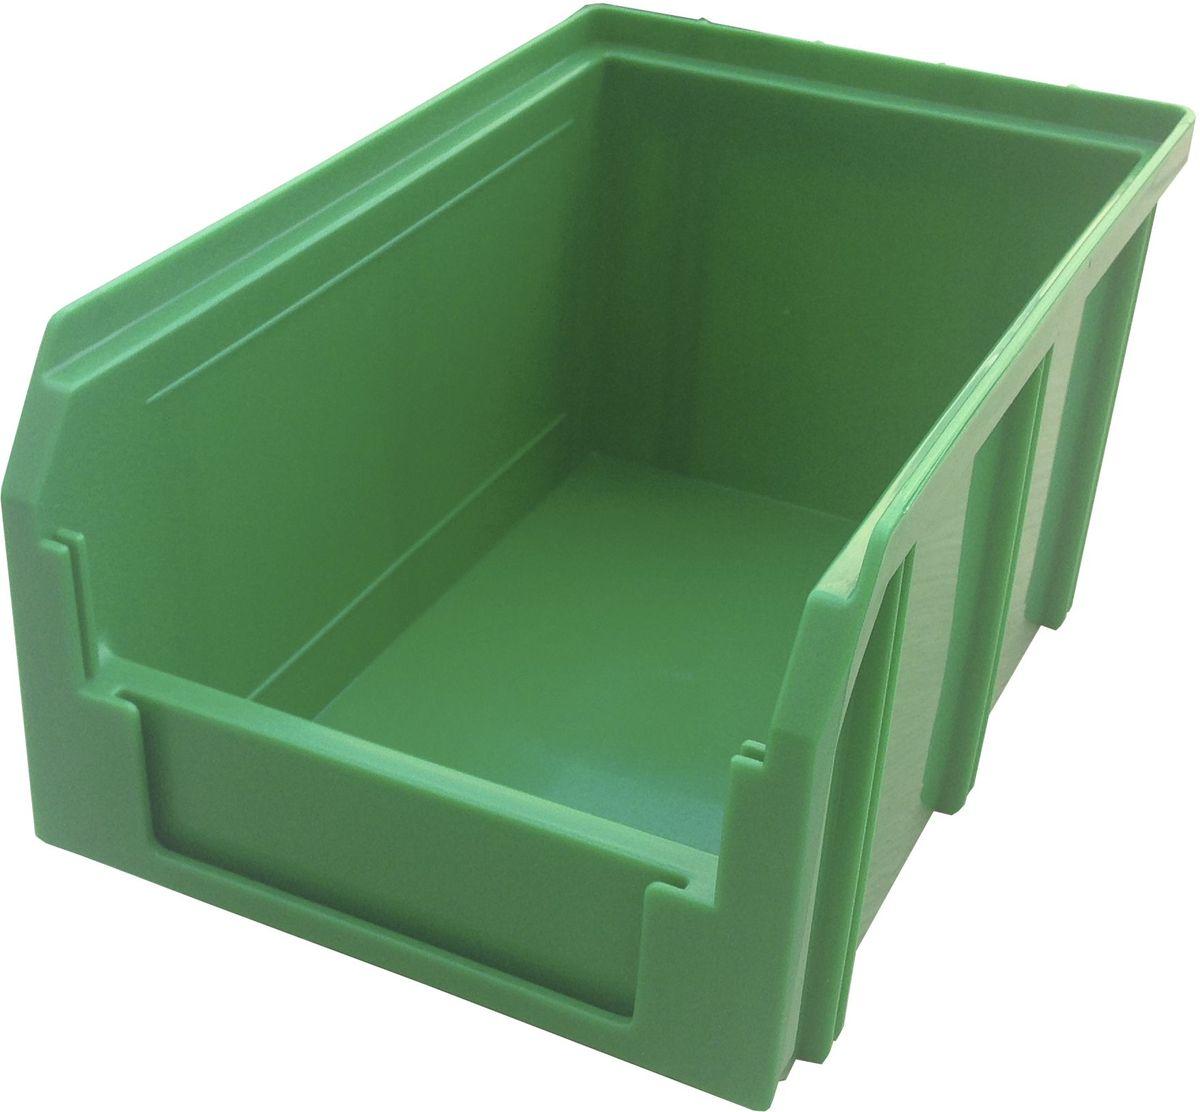 Ящик пластиковый Стелла V-2, цвет: зеленый, 23,4 х 14,9 х 12,1 смV-2 зеленыйПластиковый ящик Стелла V-2 применяется на складах для организации мест хранения для различных мелочей, например: деталей, заготовок, комплектующих, крепежа, запчастей и многого другого. Ящик отличается высоким уровнем износостойкости, он полностью выполнен из ударопрочного пластика. Для быстрой идентификации нужного ящика в передней стенке предусмотрен карман для ярлыка с описанием содержимого.Особенности:Объем: 3,8 л. Возможность штабелирования контейнеров друг на друга. Удобные рукоятки. Наличие зацепа для размещения на стойке.